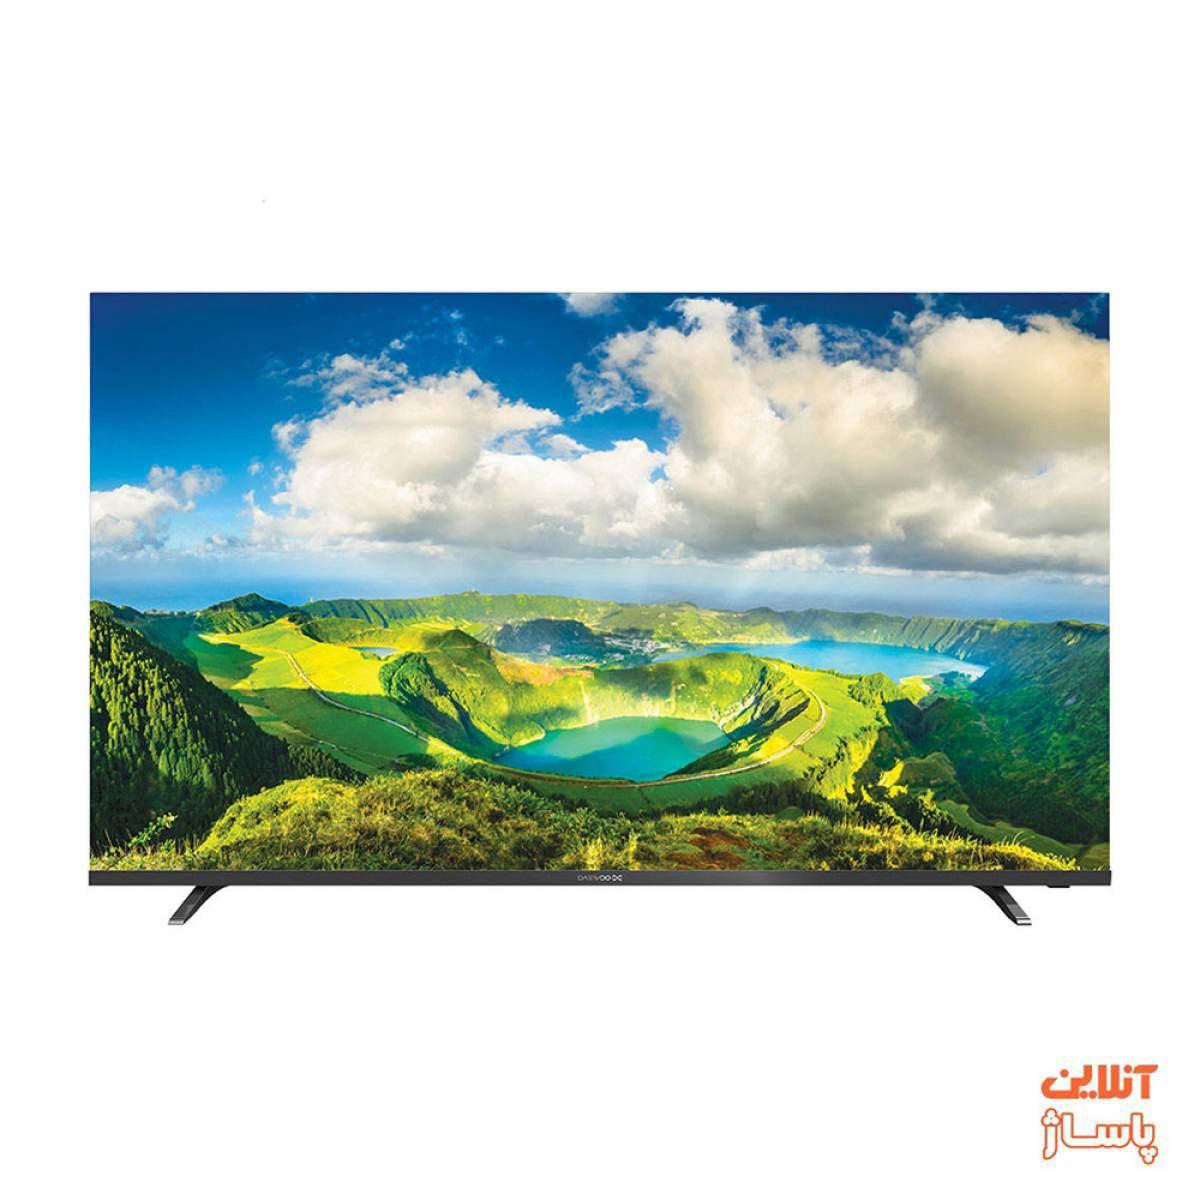 تلویزیون ال ای دی هوشمند دوو مدل DSL-55K5310U سایز 55 اینچ